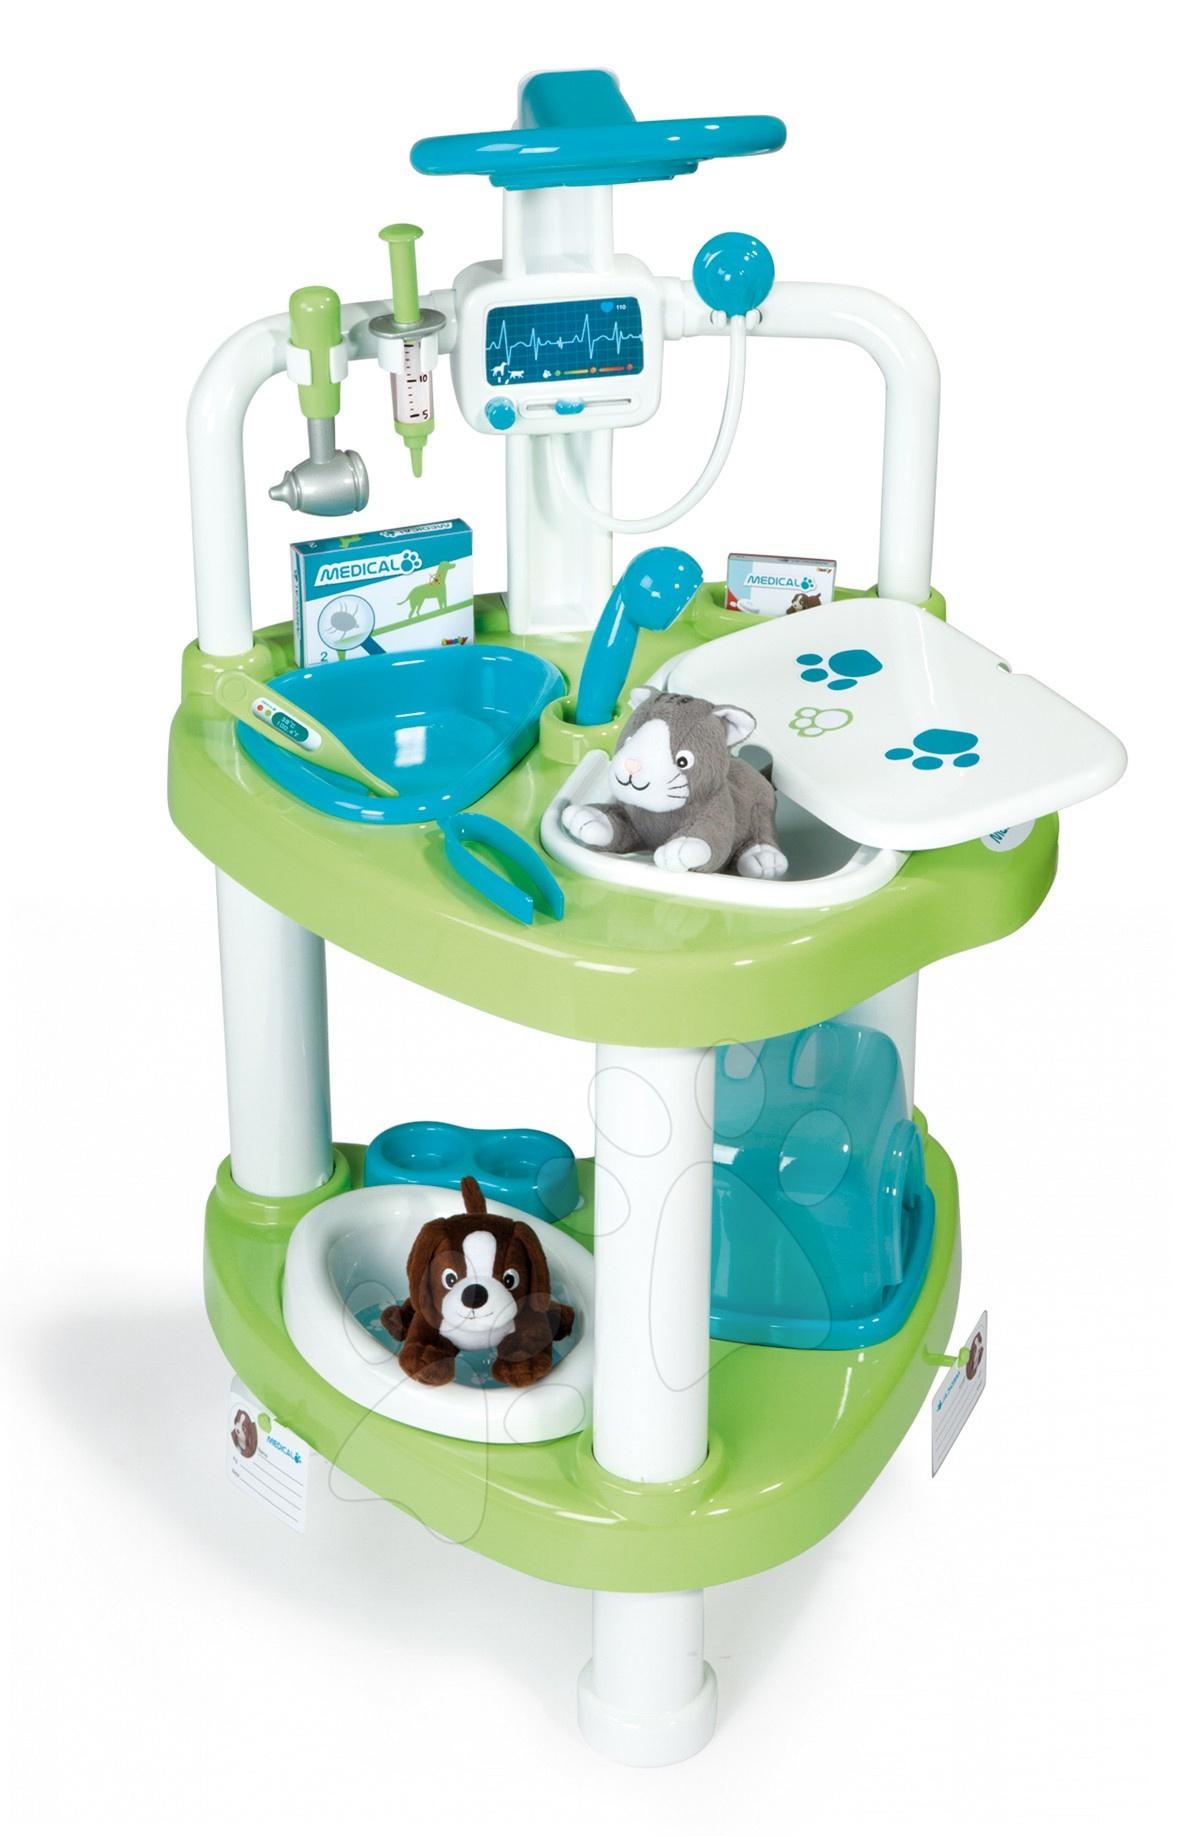 Mașină medicală 2 în 1 Smoby cu 2 animale cu 11 accesorii 48*46*86 cm